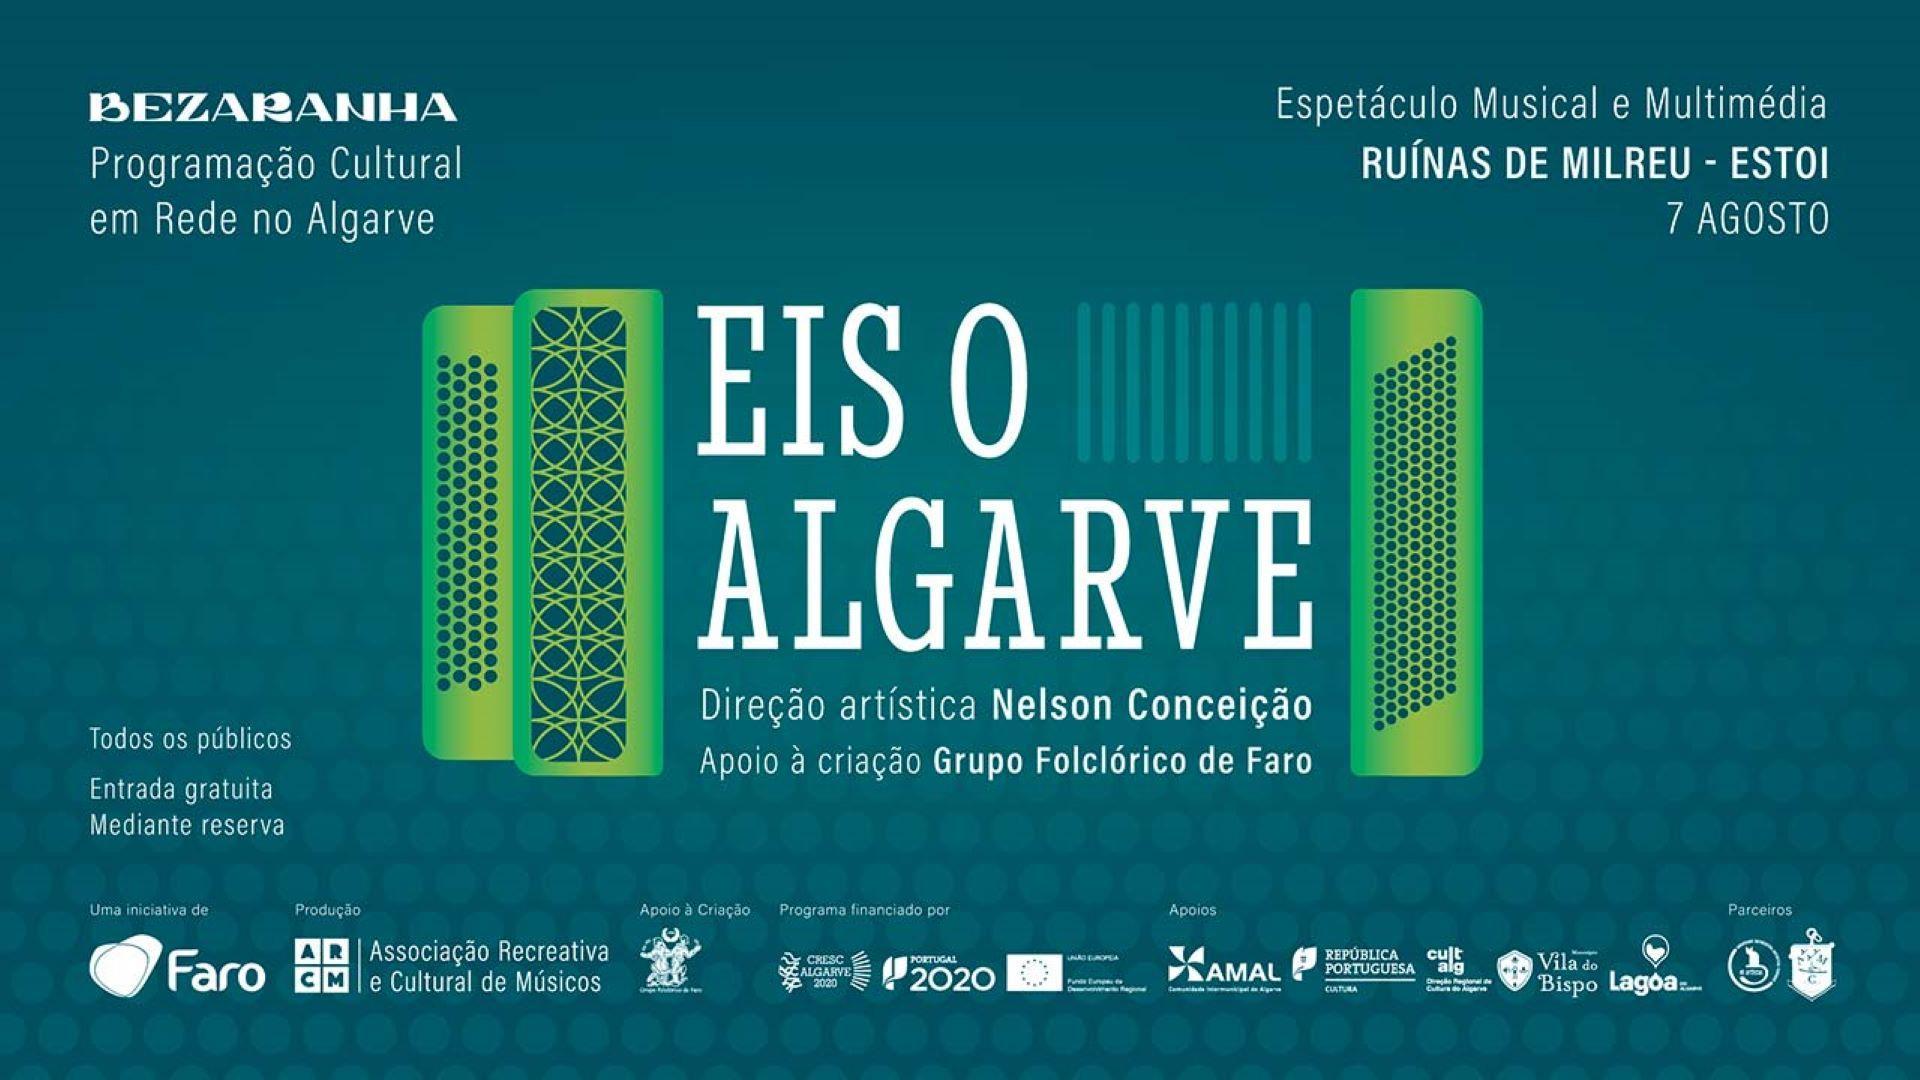 Eis o Algarve - Lagoa